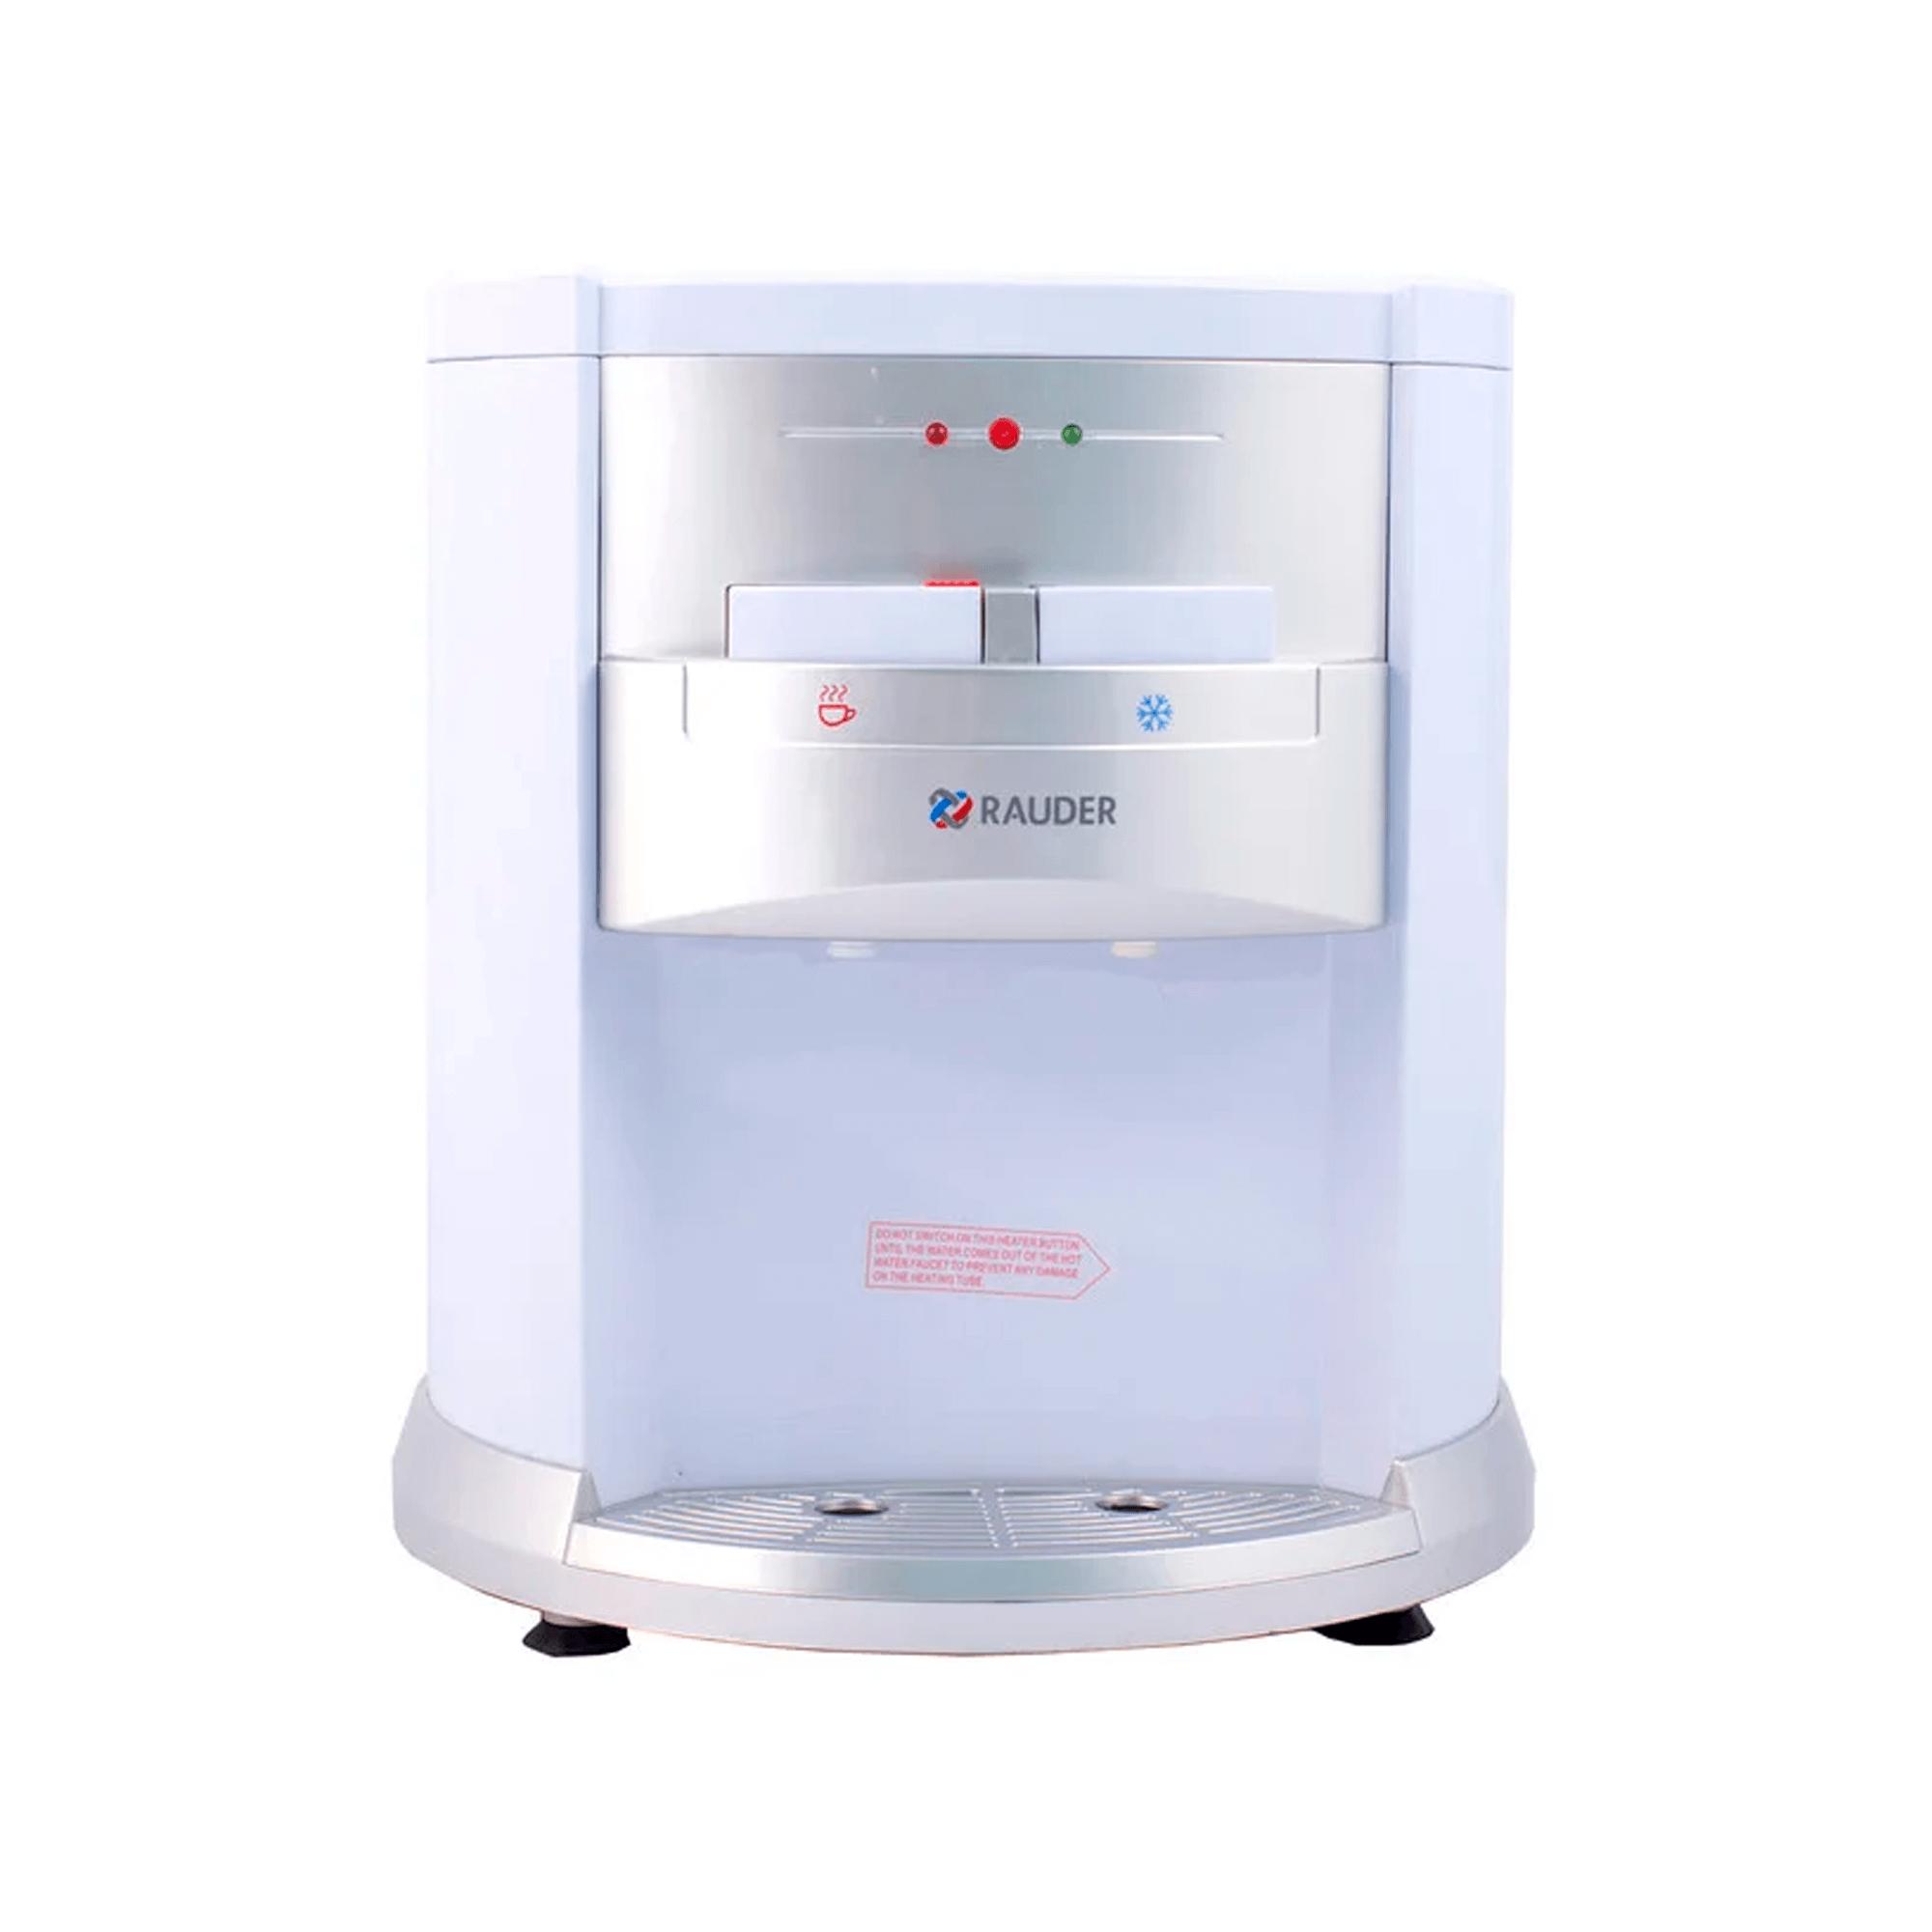 Кулеры настольные - Кулер для воды Rauder 0.5-5T32 (электронное охлаждение)